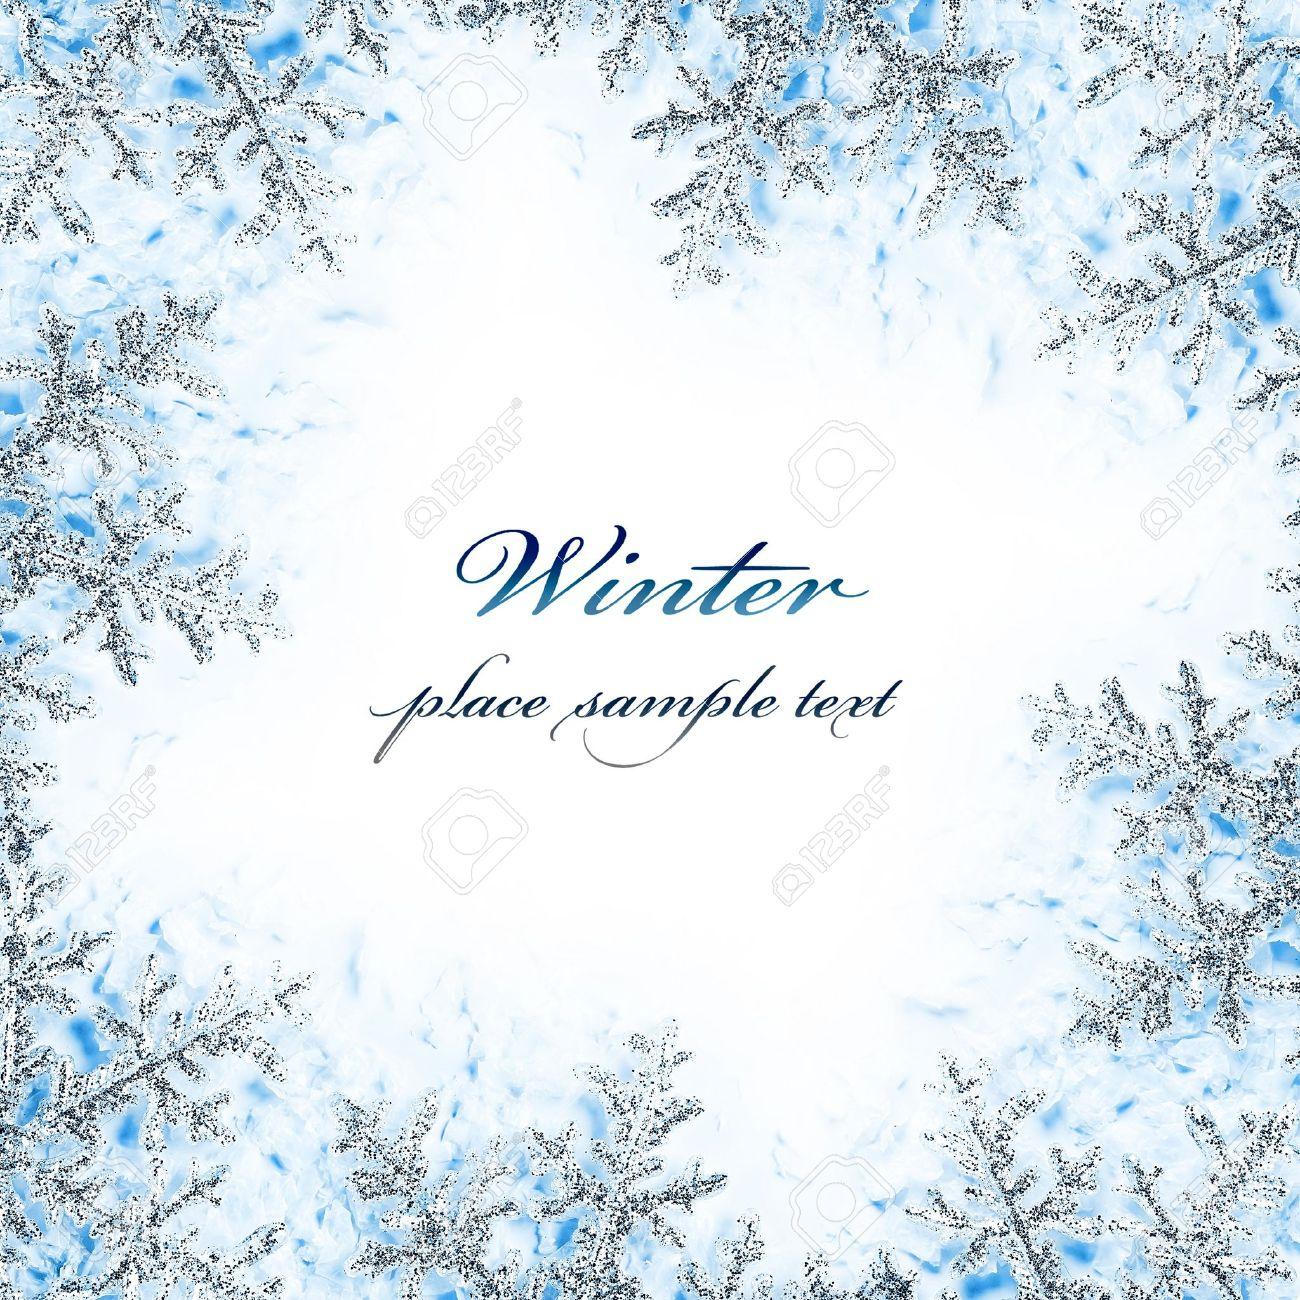 Snowflake Dekorativen Rahmen, Schöne Blaue Kälte Gefrorenen Schnee ...